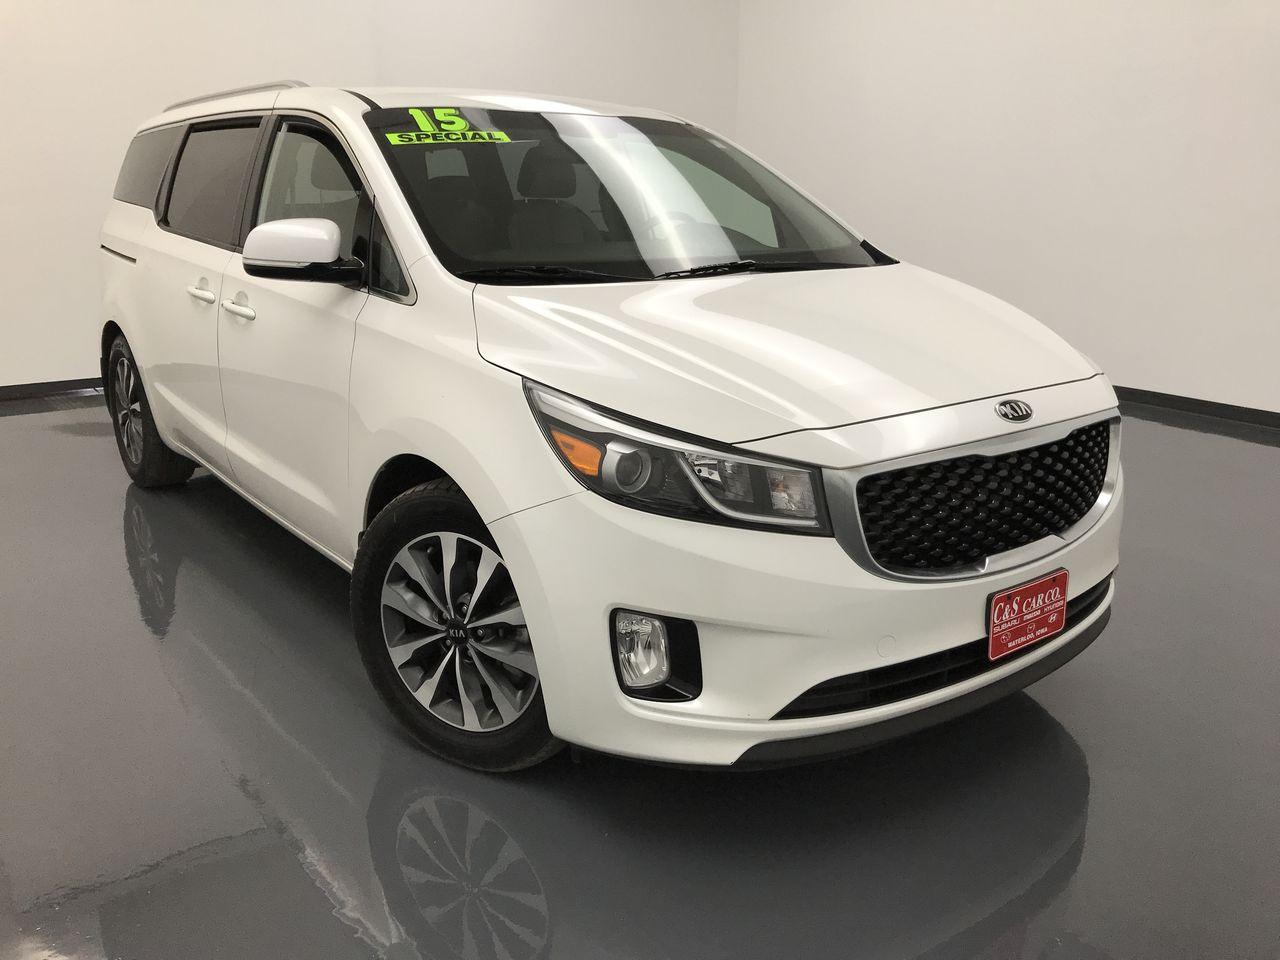 2015 Kia Sedona  - C & S Car Company